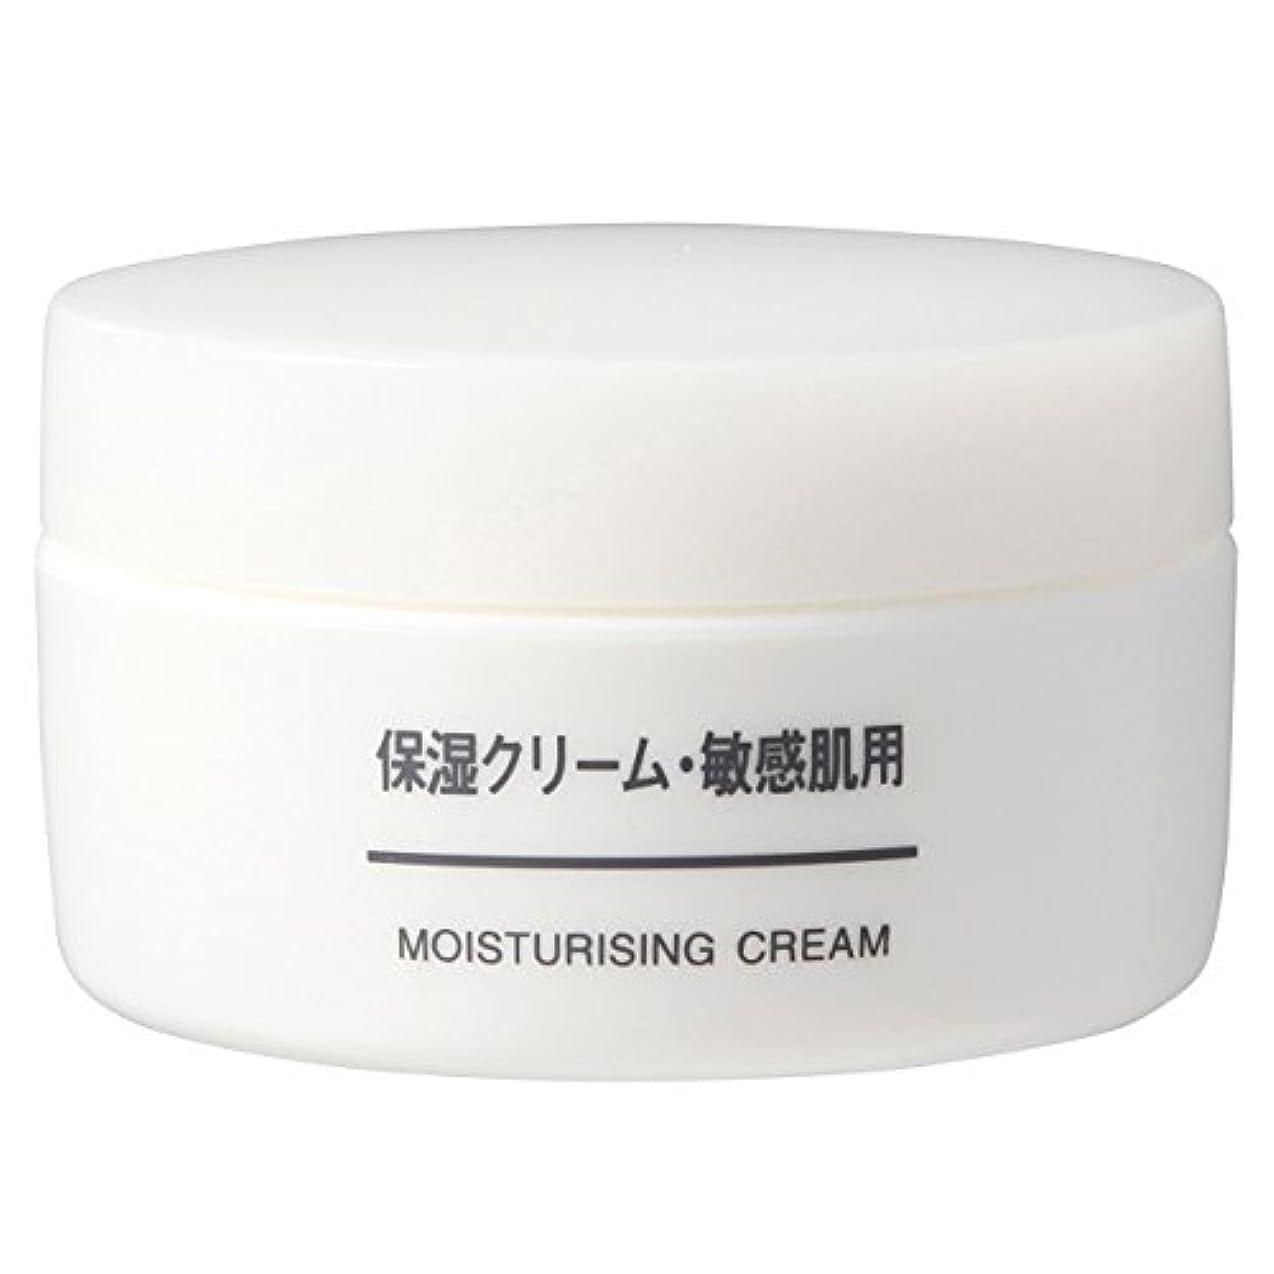 認識聡明適用済み無印良品 保湿クリーム 敏感肌用 50g